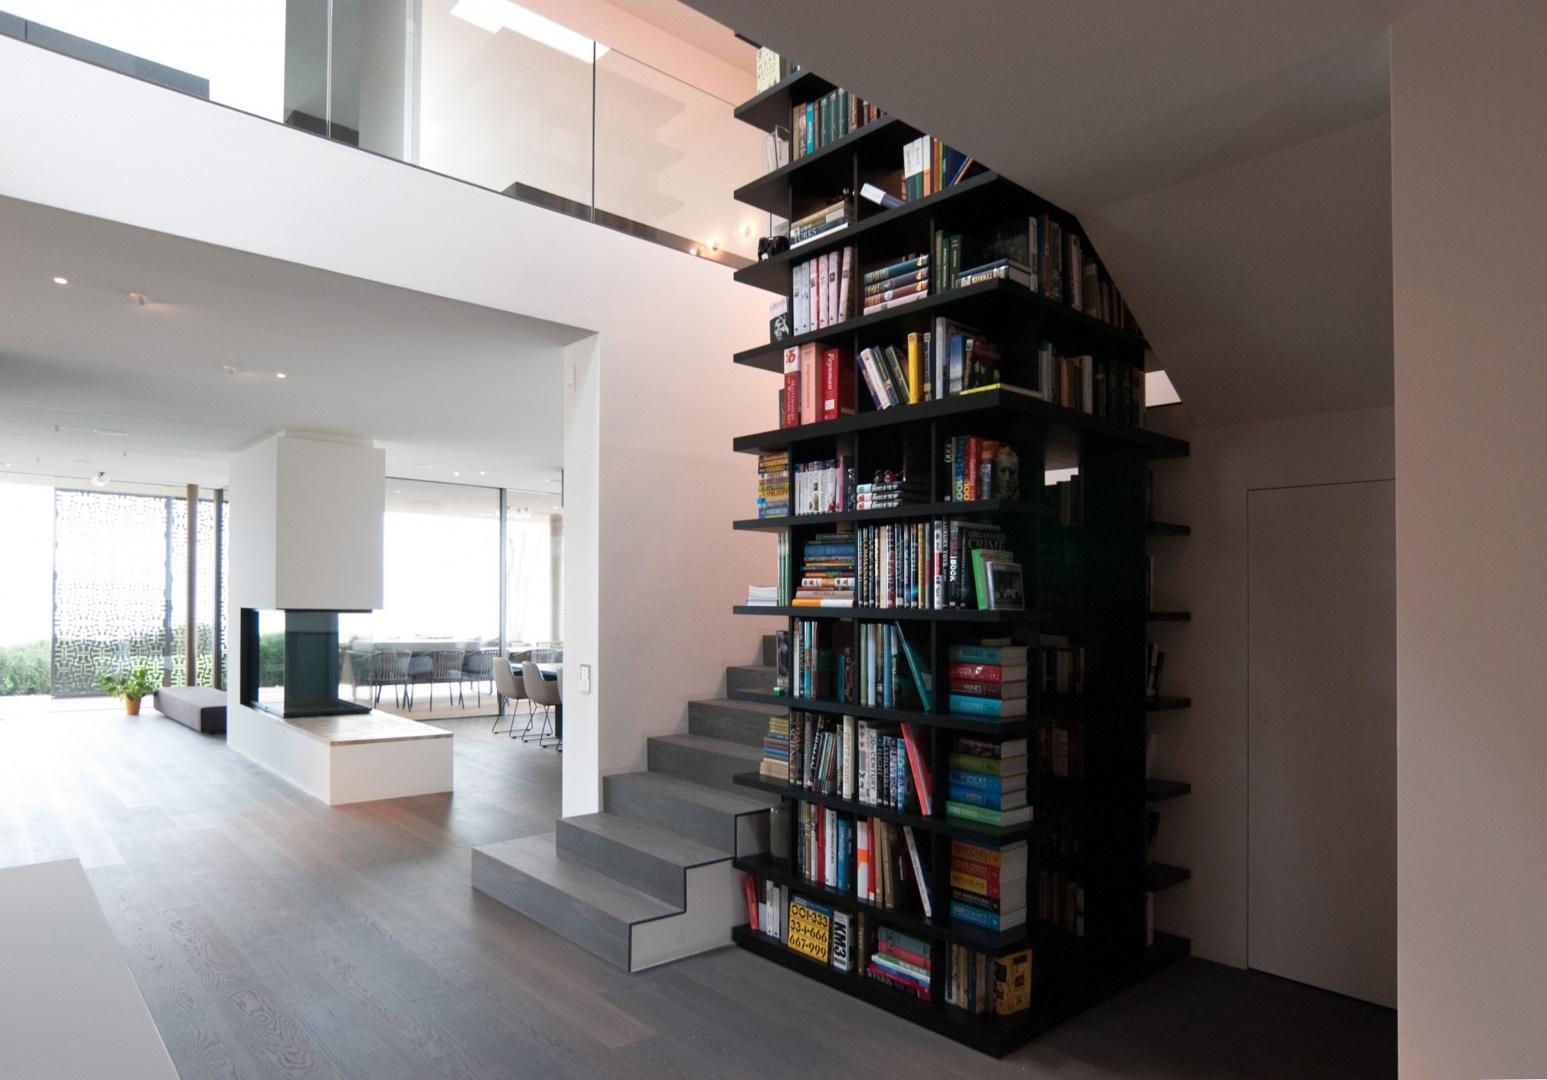 Wohnzimmer mit Bibliothek © ArchStudioArchitekten AG - Christian Fierz -  Claudia Boehm